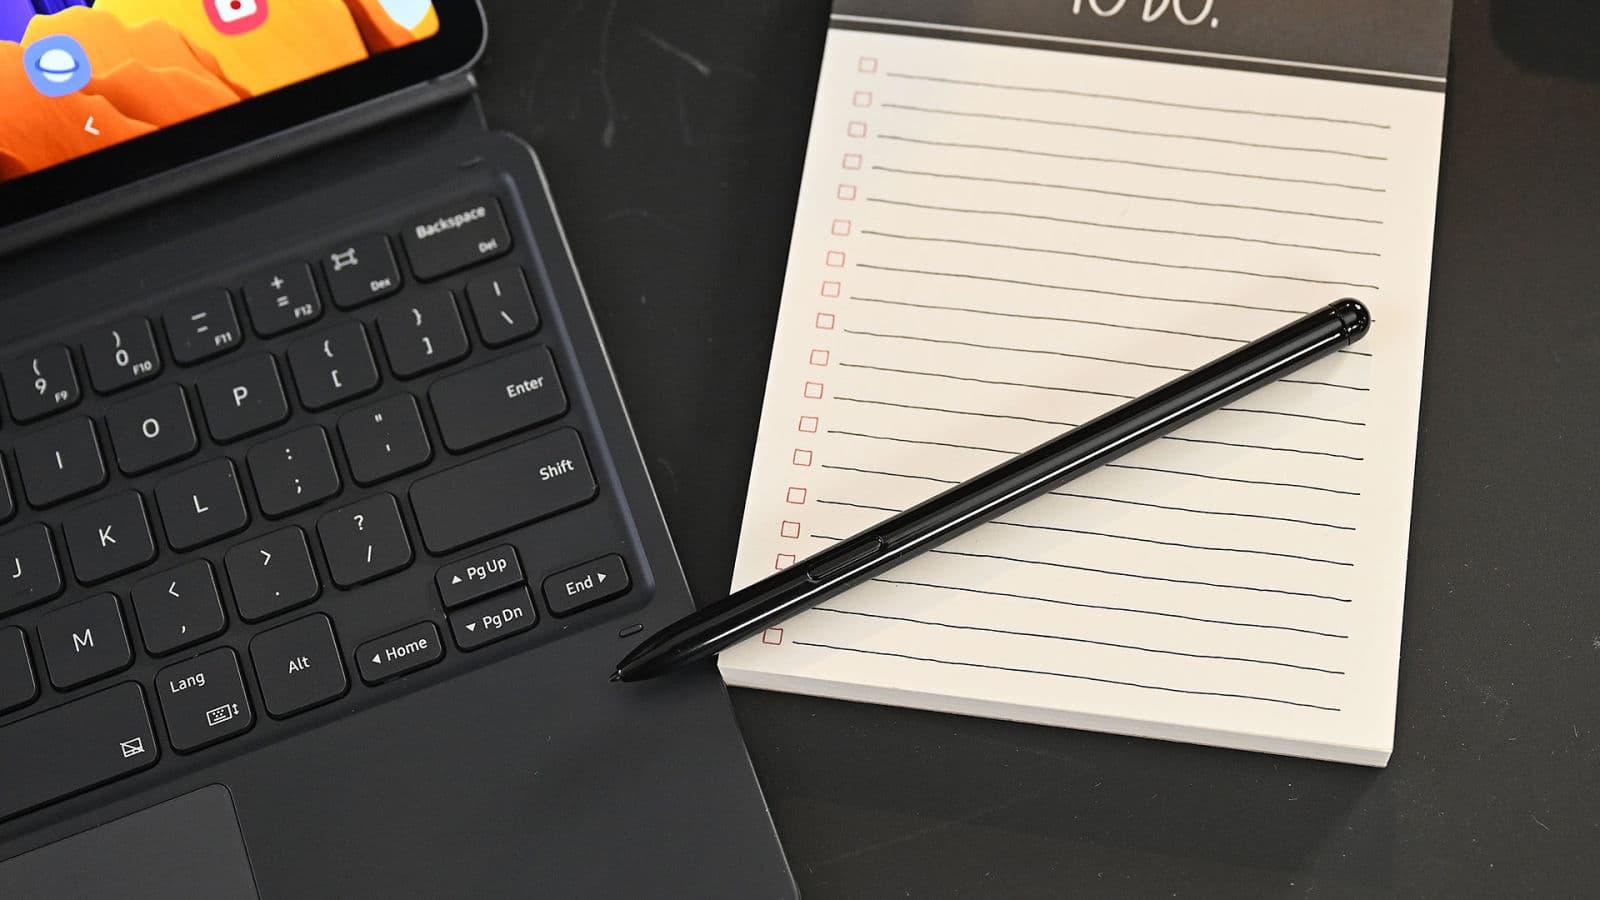 Destaque da S Pen, caneta stylus dos novos tablets da Samsung